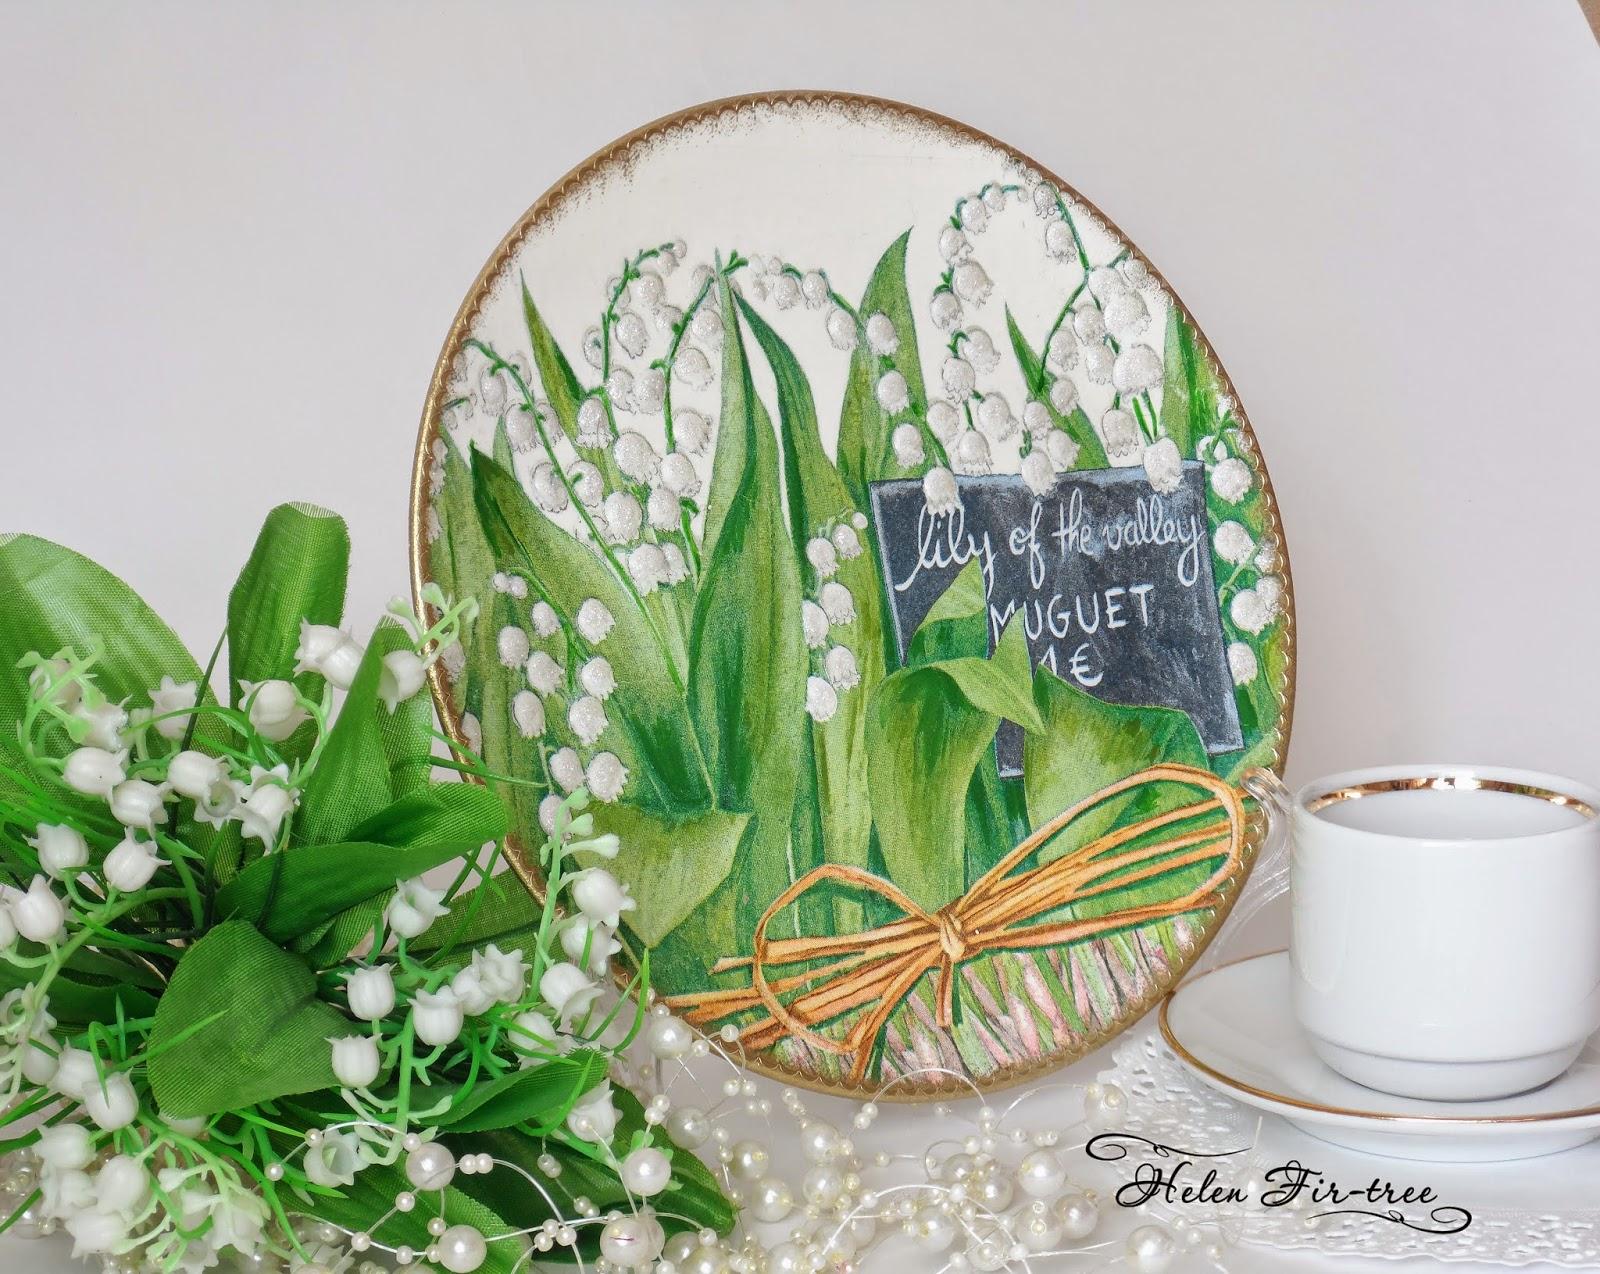 Helen Fir-tree декупаж тарелки ландыши decoupage plates Lily